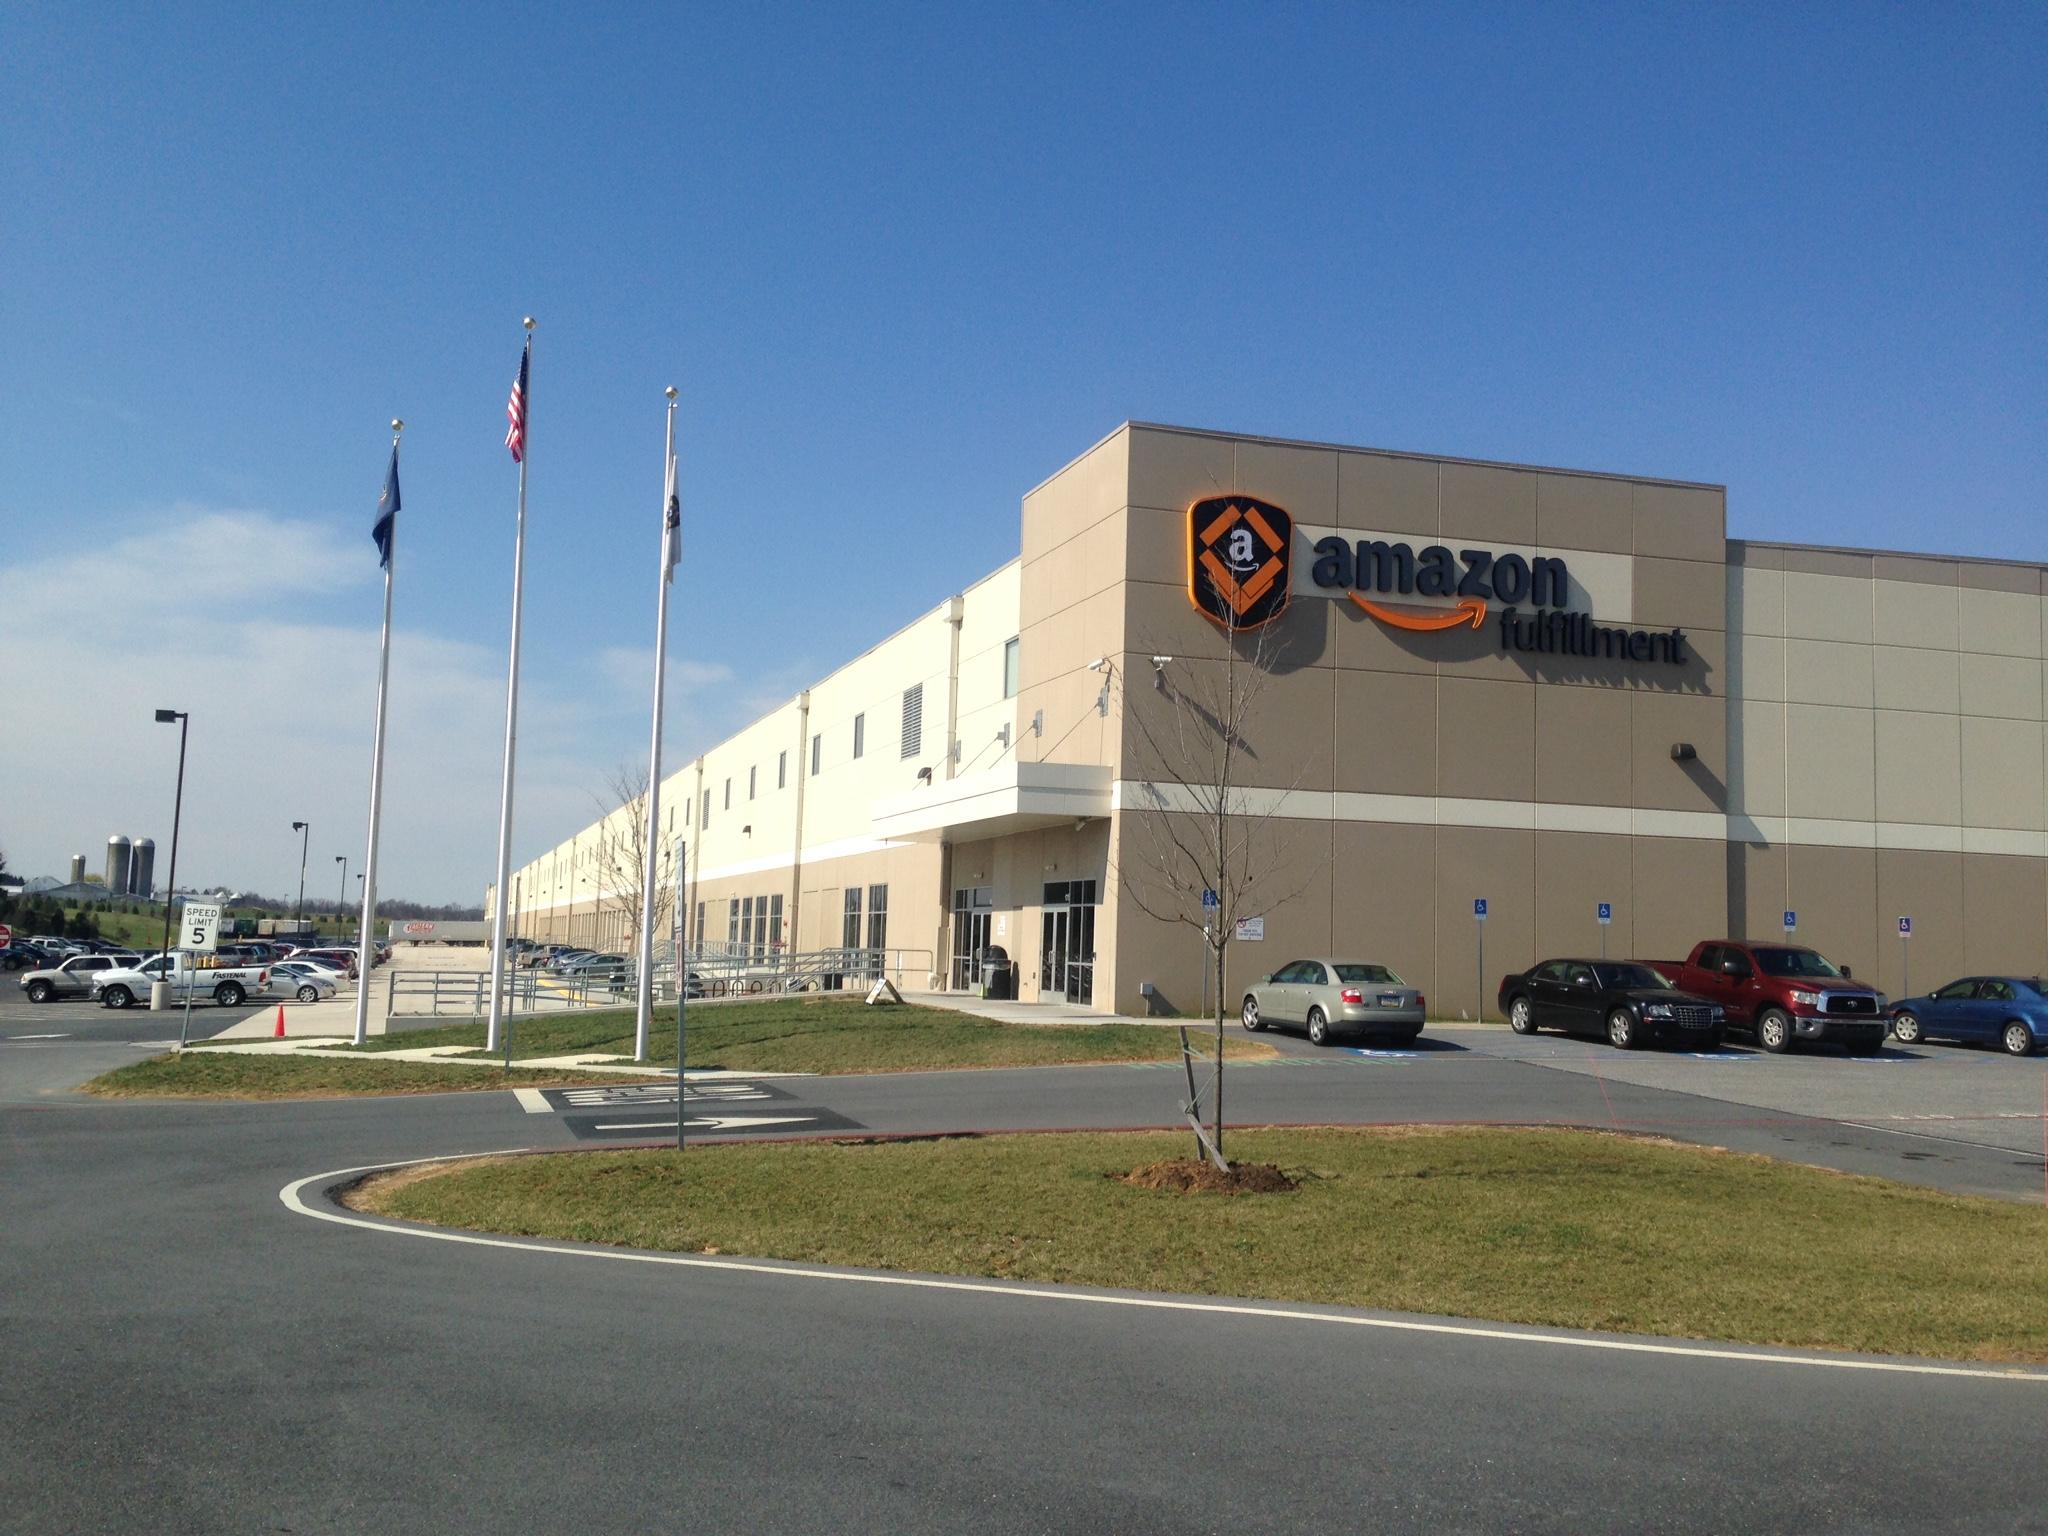 Amazon, Carlisle, PA